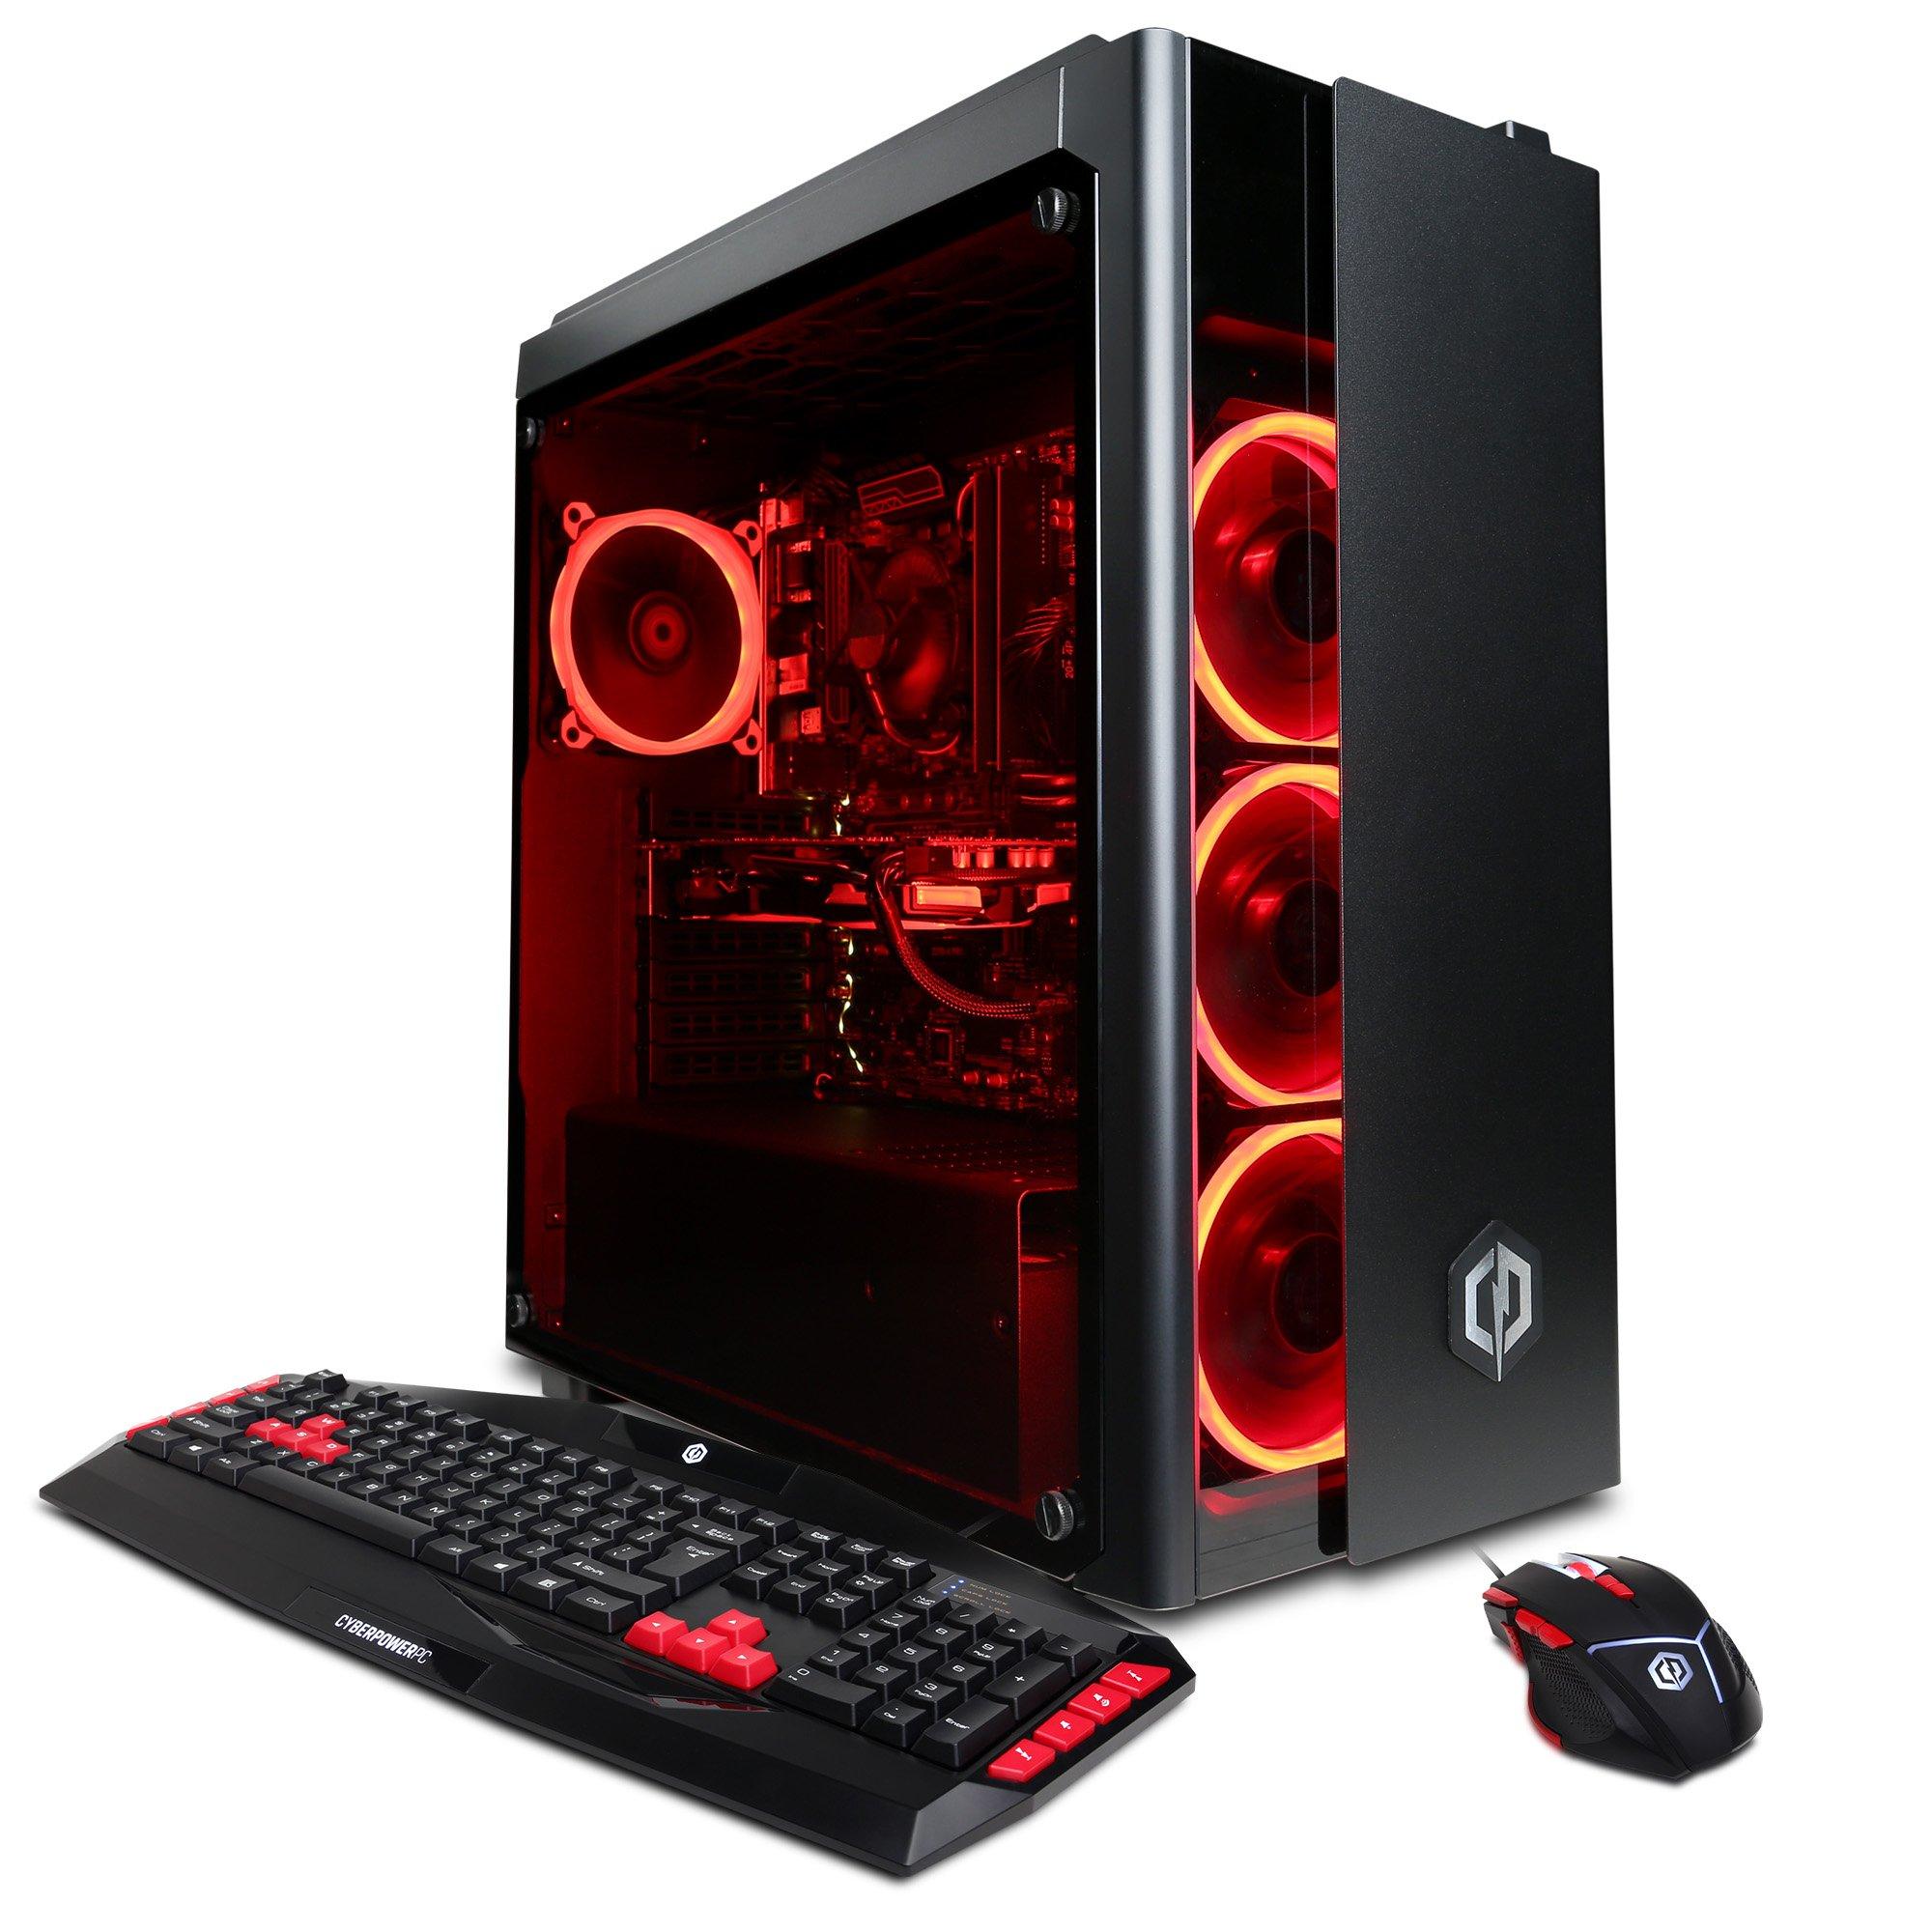 CyberPowerPC GXI1130 Gamer Xtreme Desktop Intel Core i7 16GB Memory AMD Radeon RX 580 Black